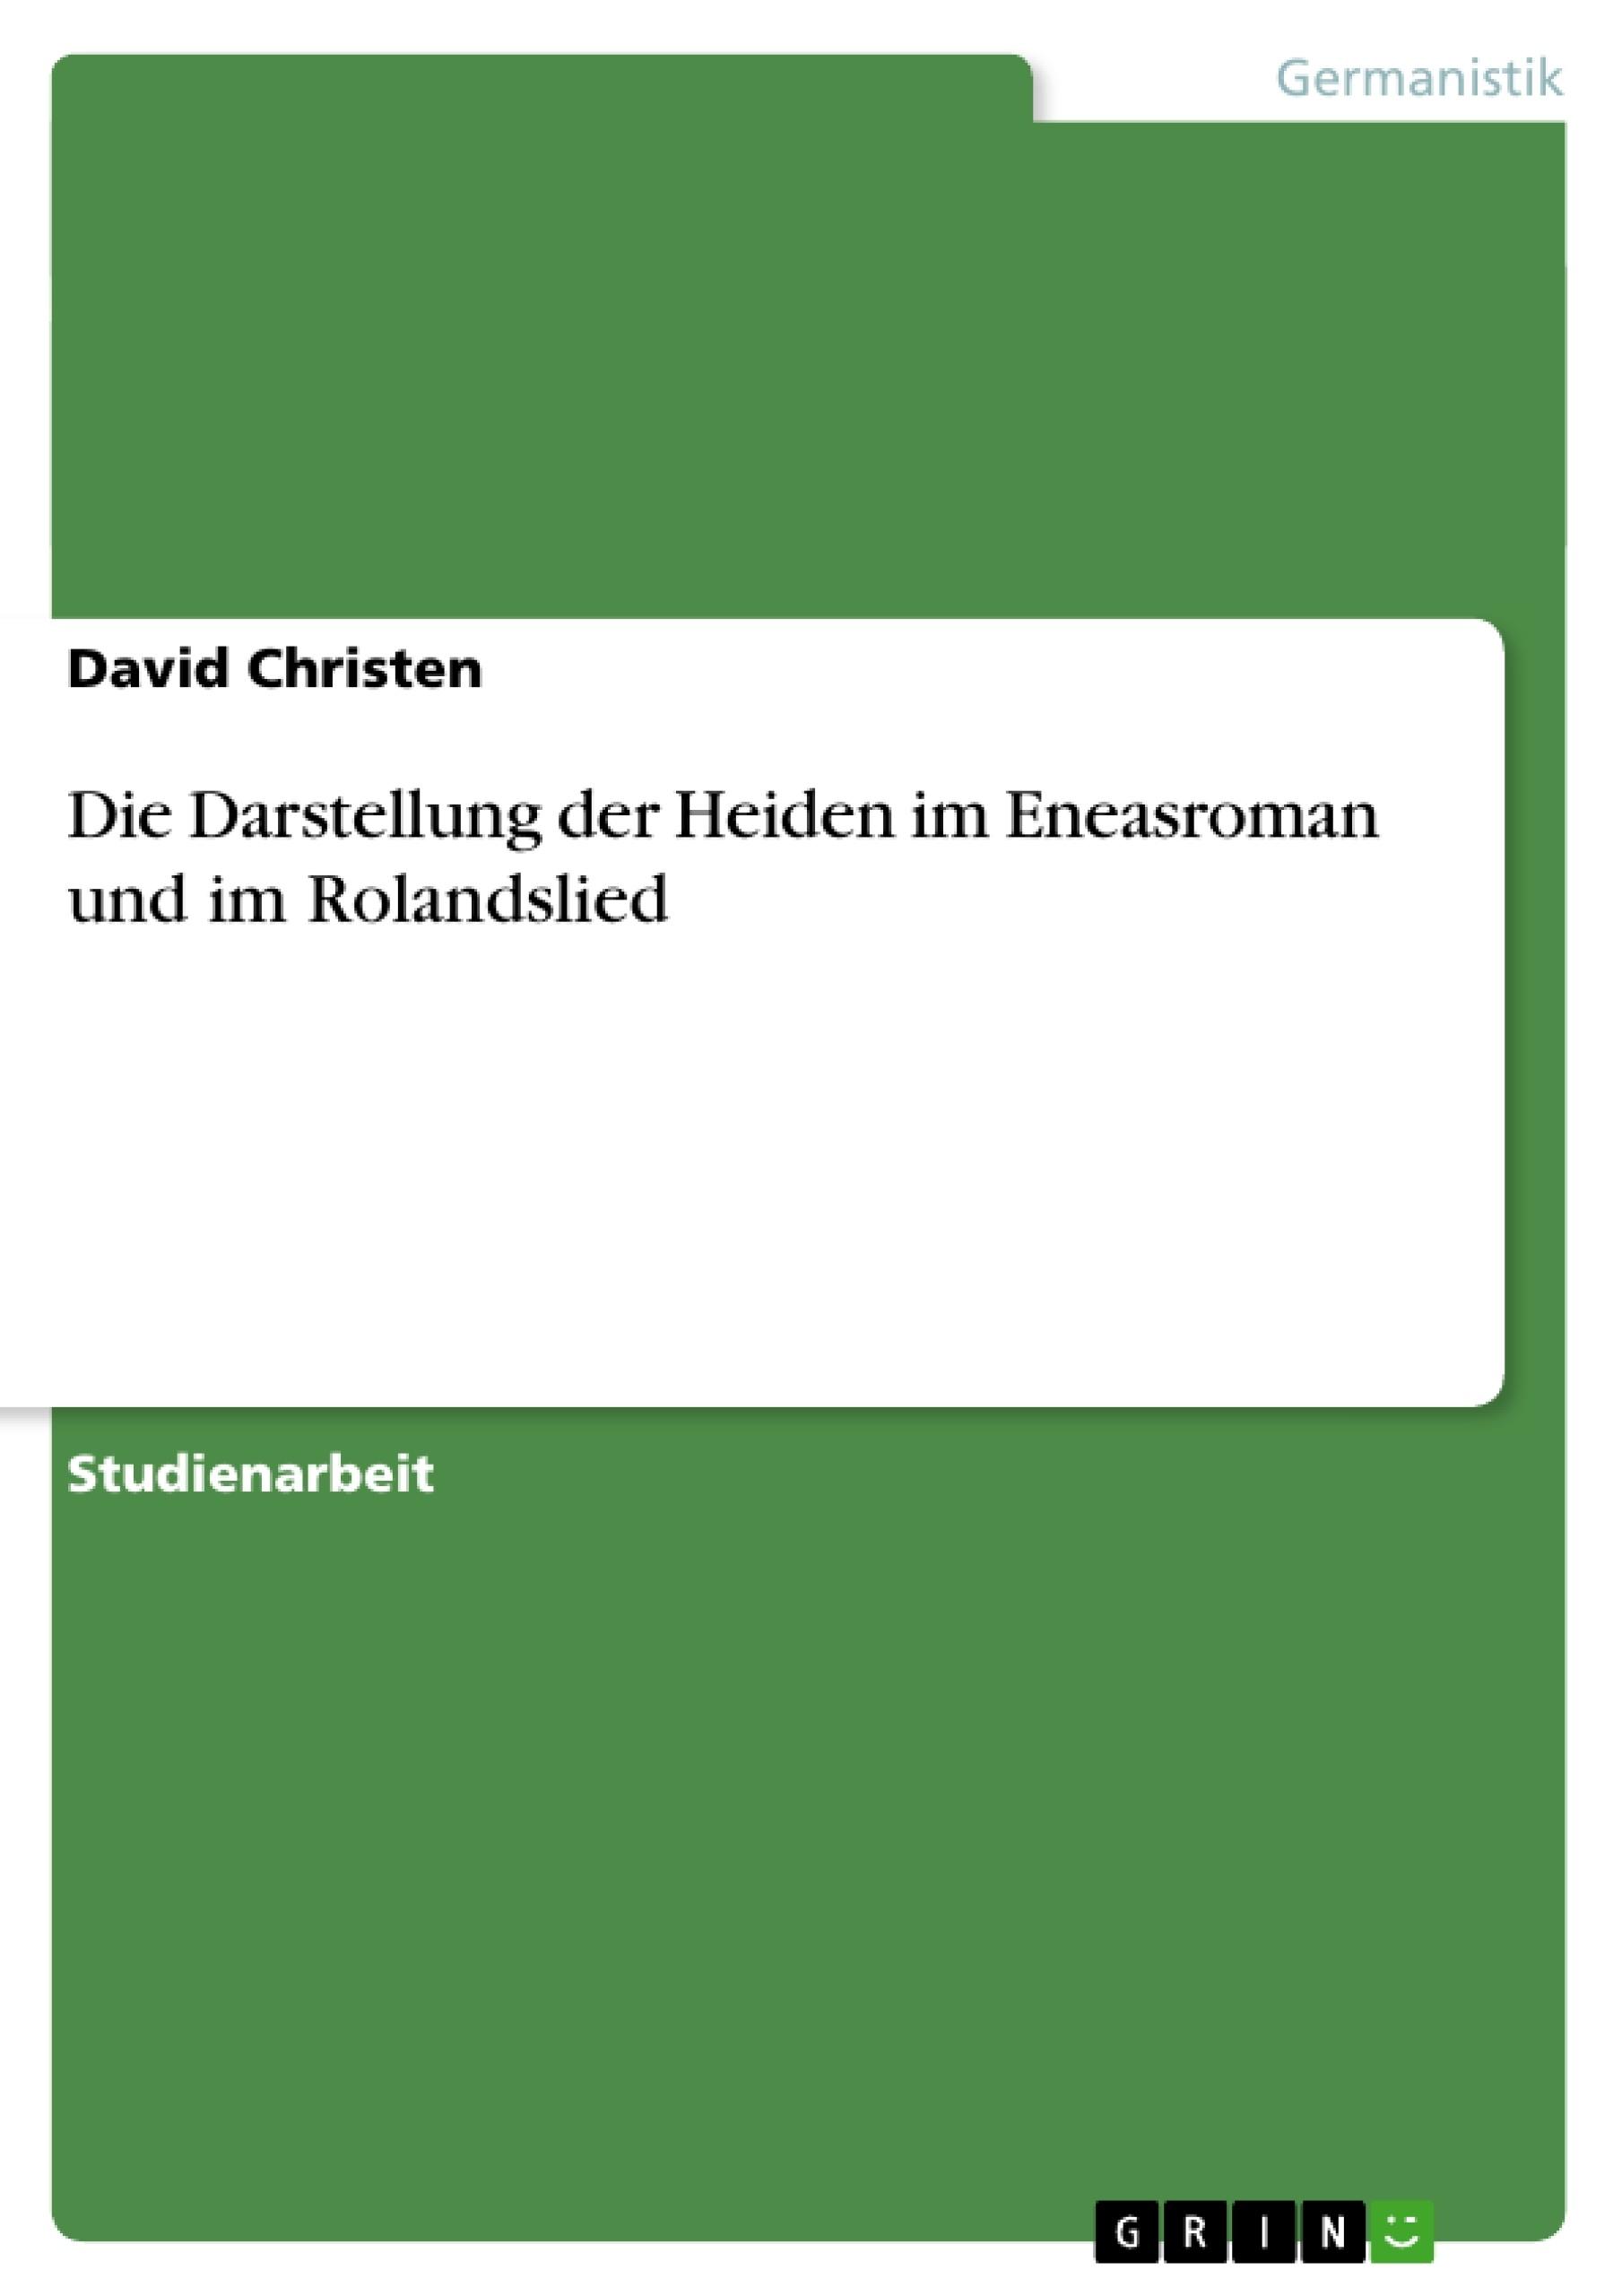 Titel: Die Darstellung der Heiden im Eneasroman und im Rolandslied